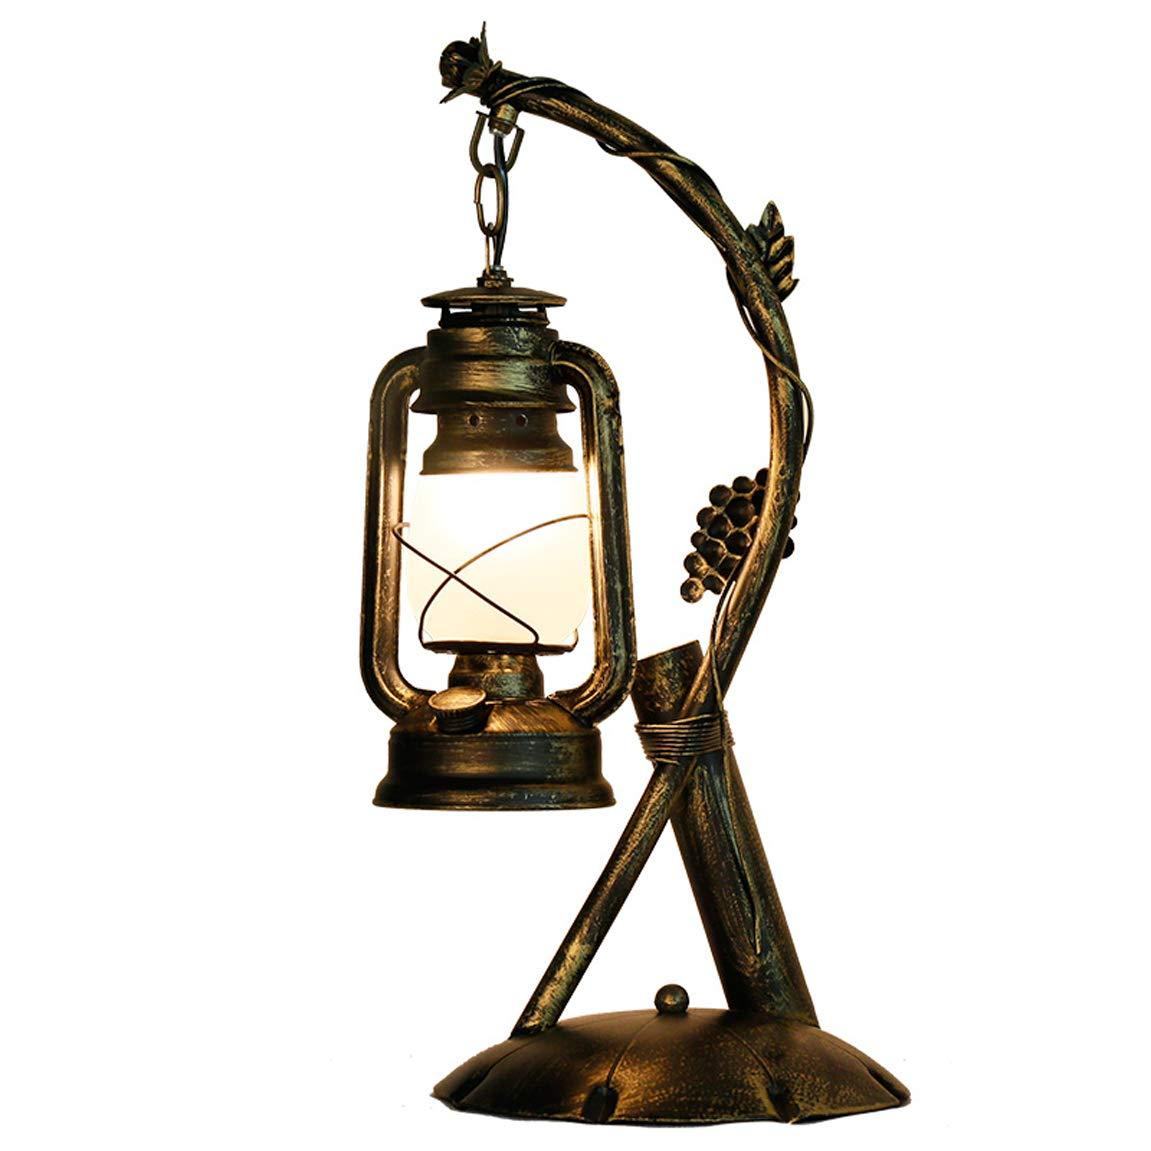 HLQW Amerikanische Tischlampe, ländliche antike Eisen Lampe, kreative Coffee Coffee Coffee Shop, Petroleumlampe, Laterne Laterne, Nacht Residenz, alte Designer-Lampe. B07JJGY2K8 | Sofortige Lieferung  199f6f